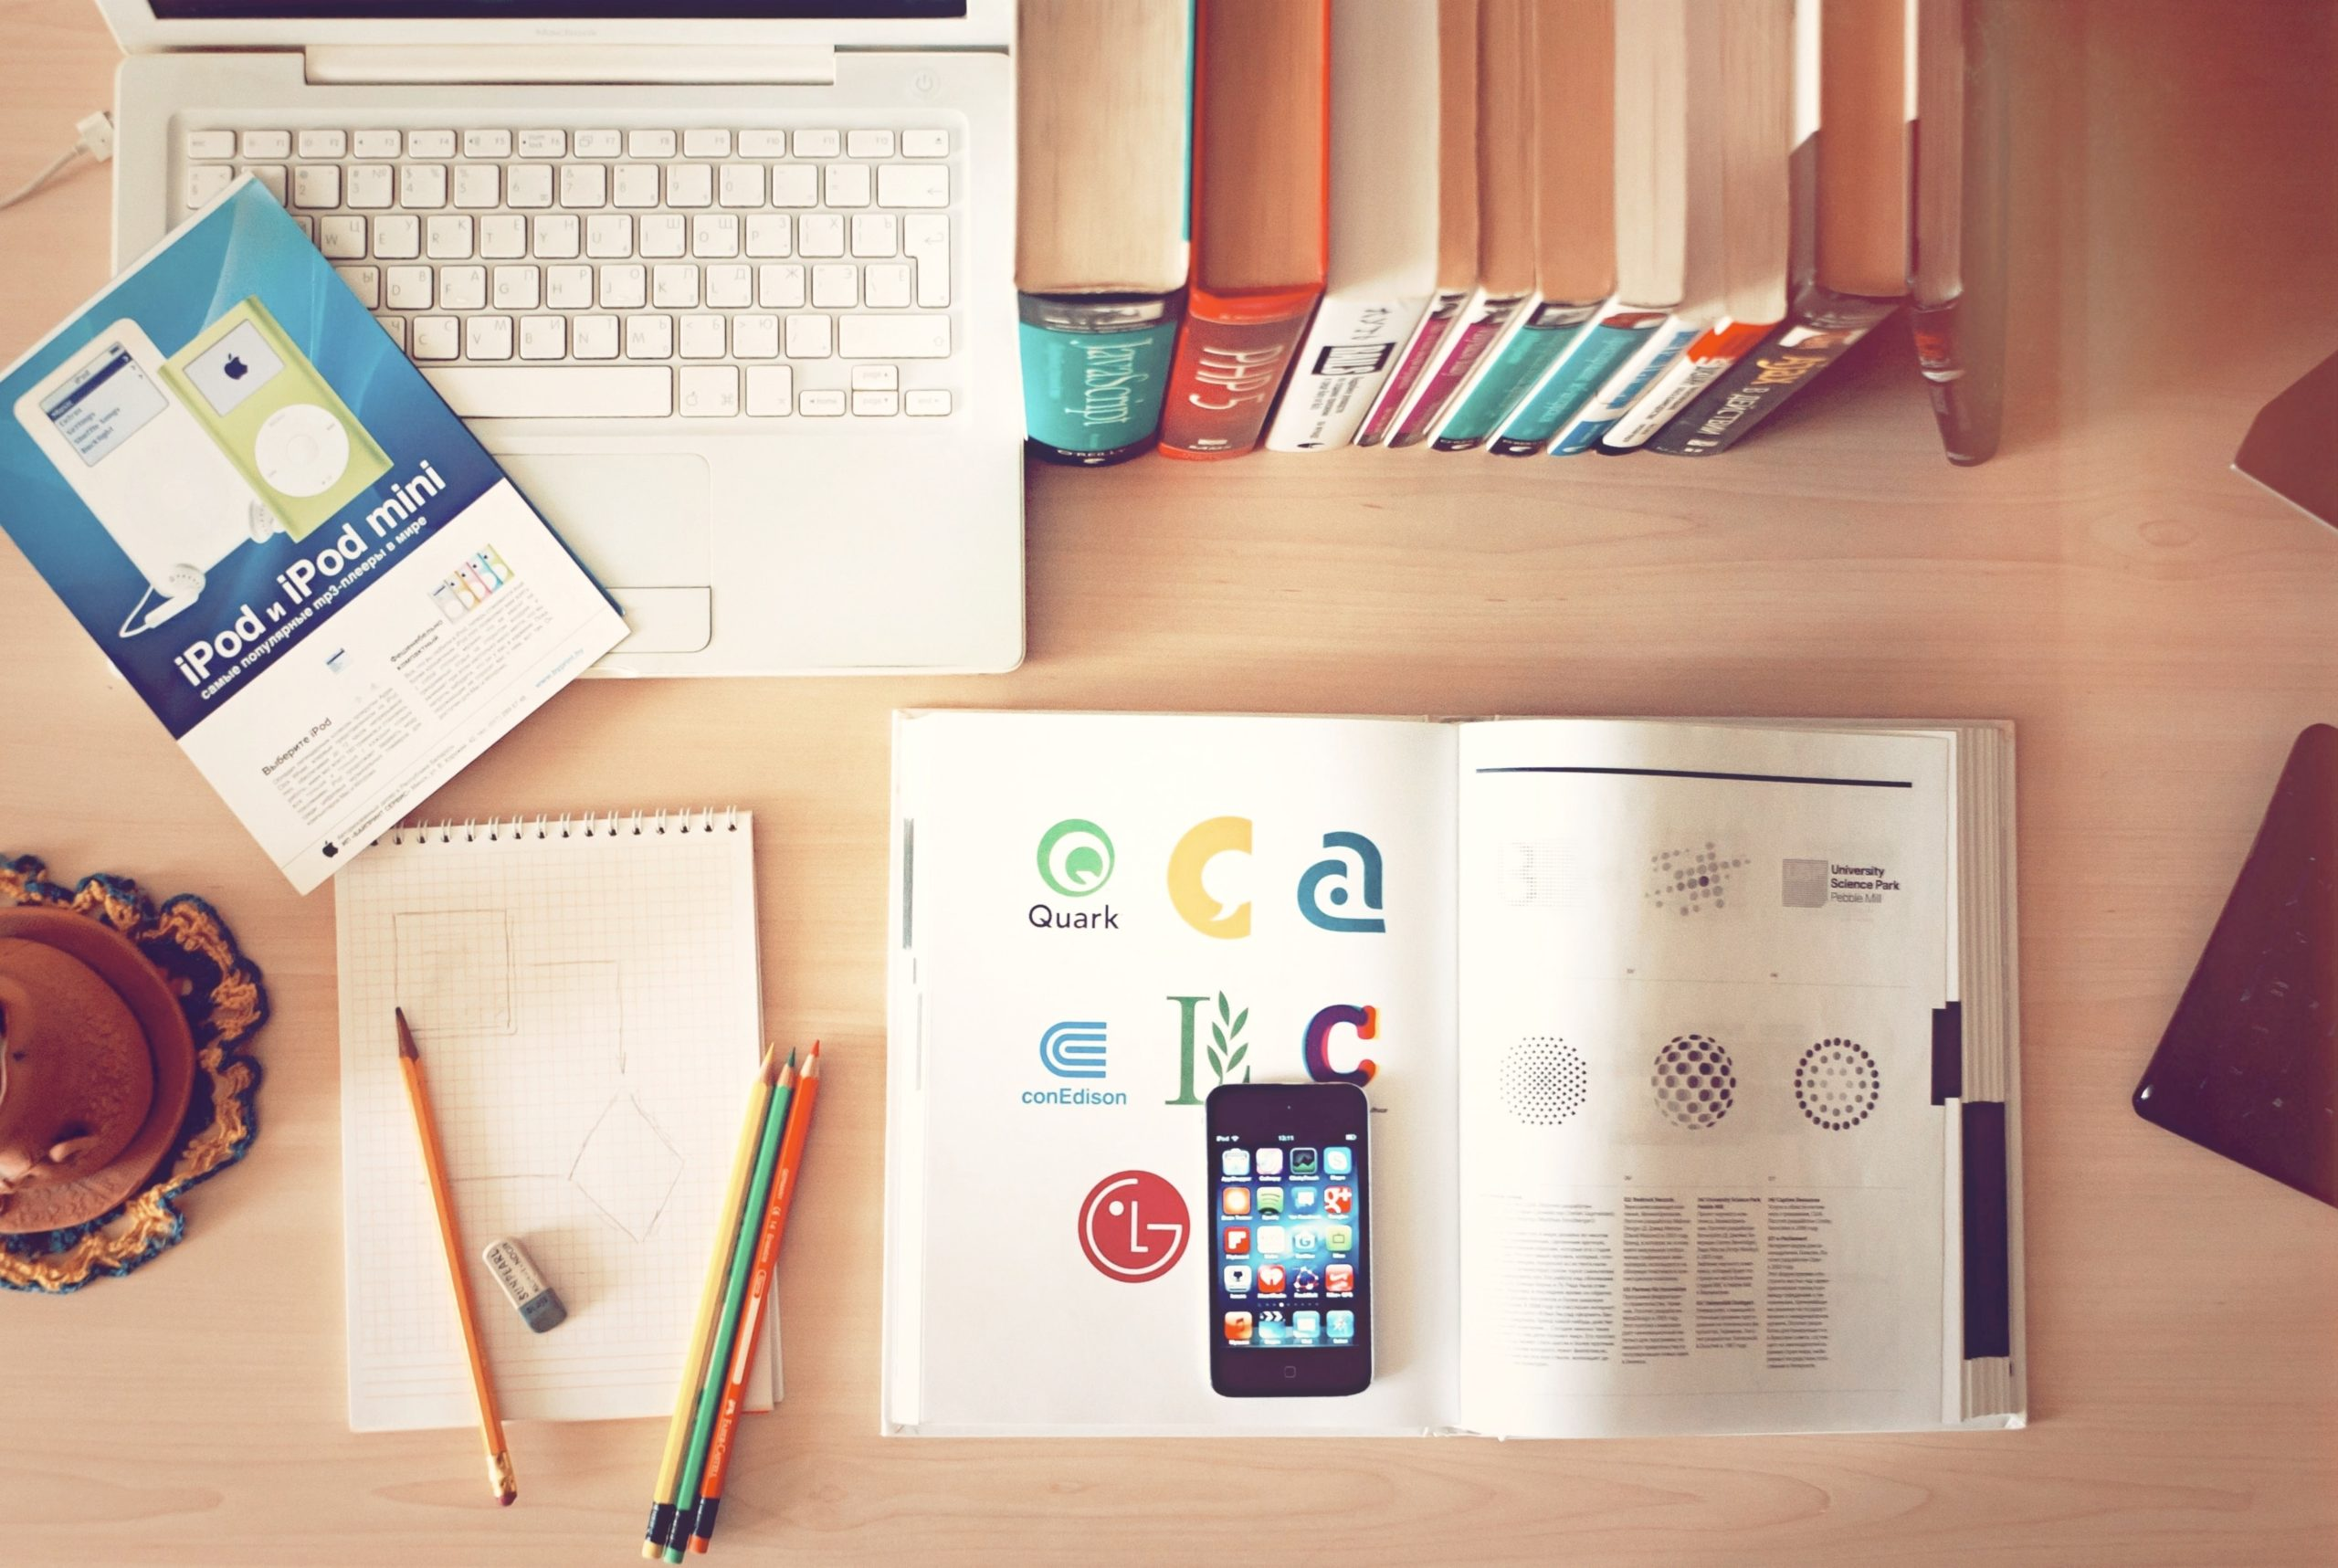 Colegios virtuales: qué nos depara el futuro de la educación